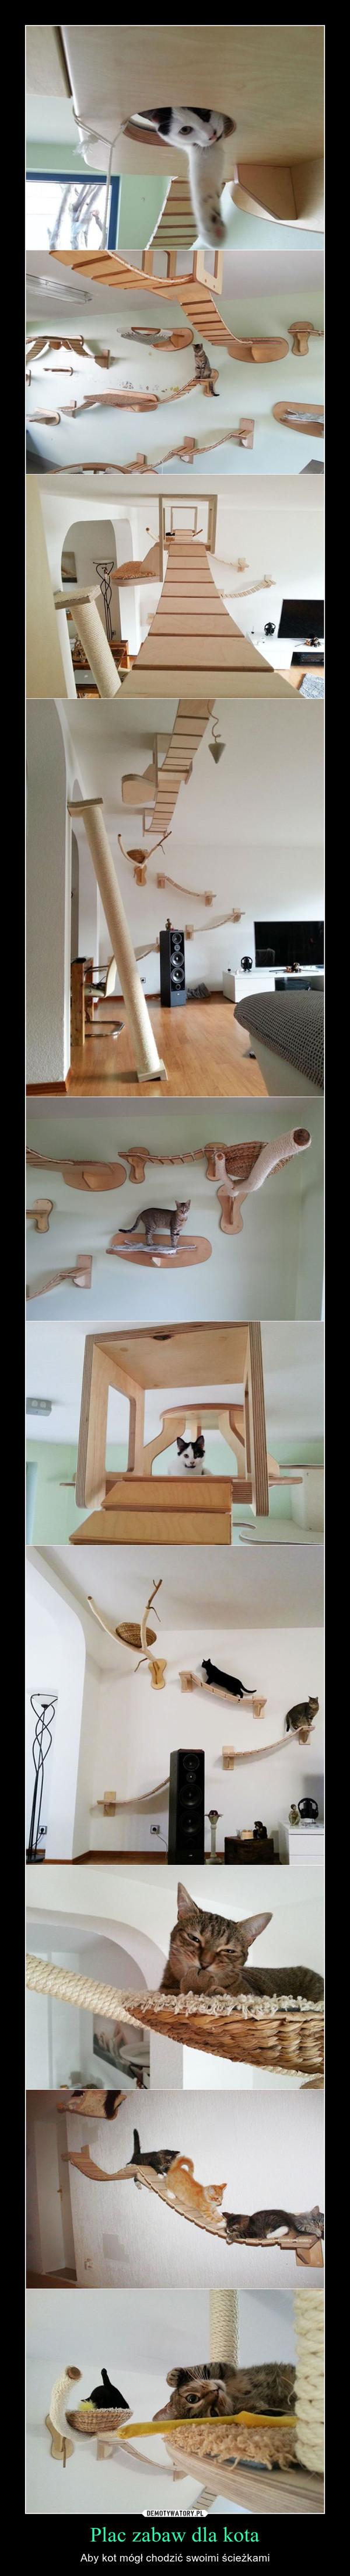 Plac zabaw dla kota – Aby kot mógł chodzić swoimi ścieżkami